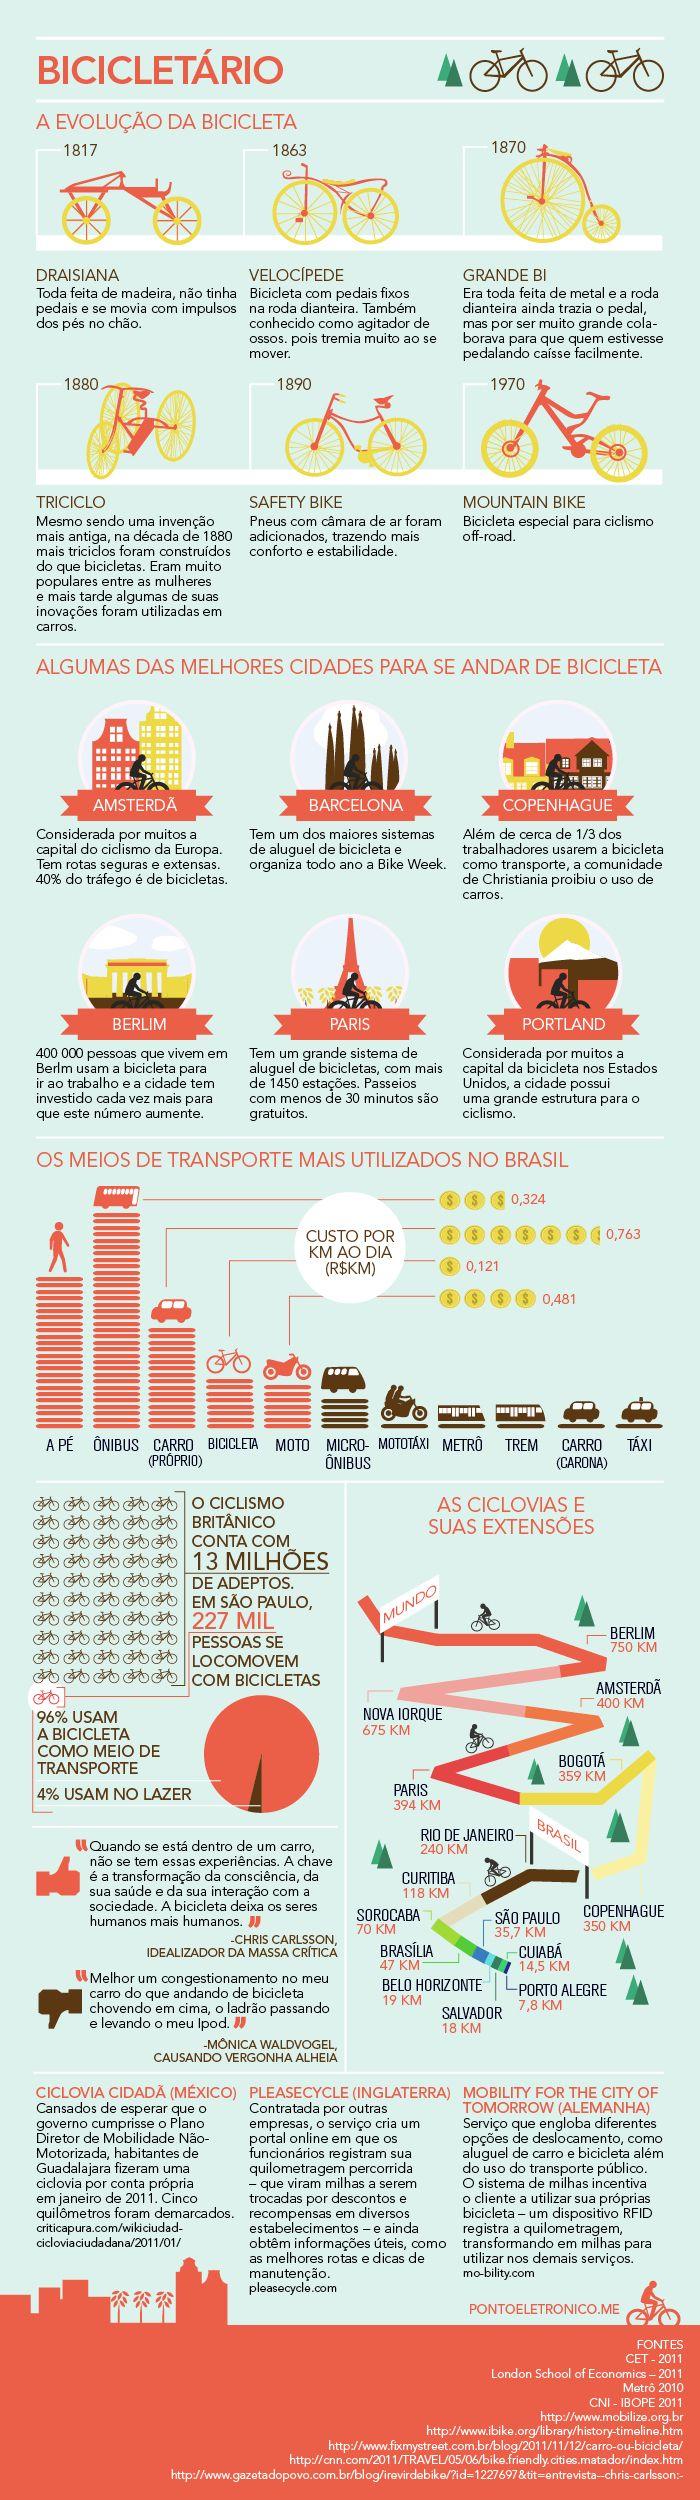 Evolução da bicicleta, seu uso no Brasil, as principais ciclovias do mundo. Além dos meios de transporte mais utilizados no Brasil (a bicicleta é o quarto) e três exemplos de iniciativas  relacionadas ao ciclismo.